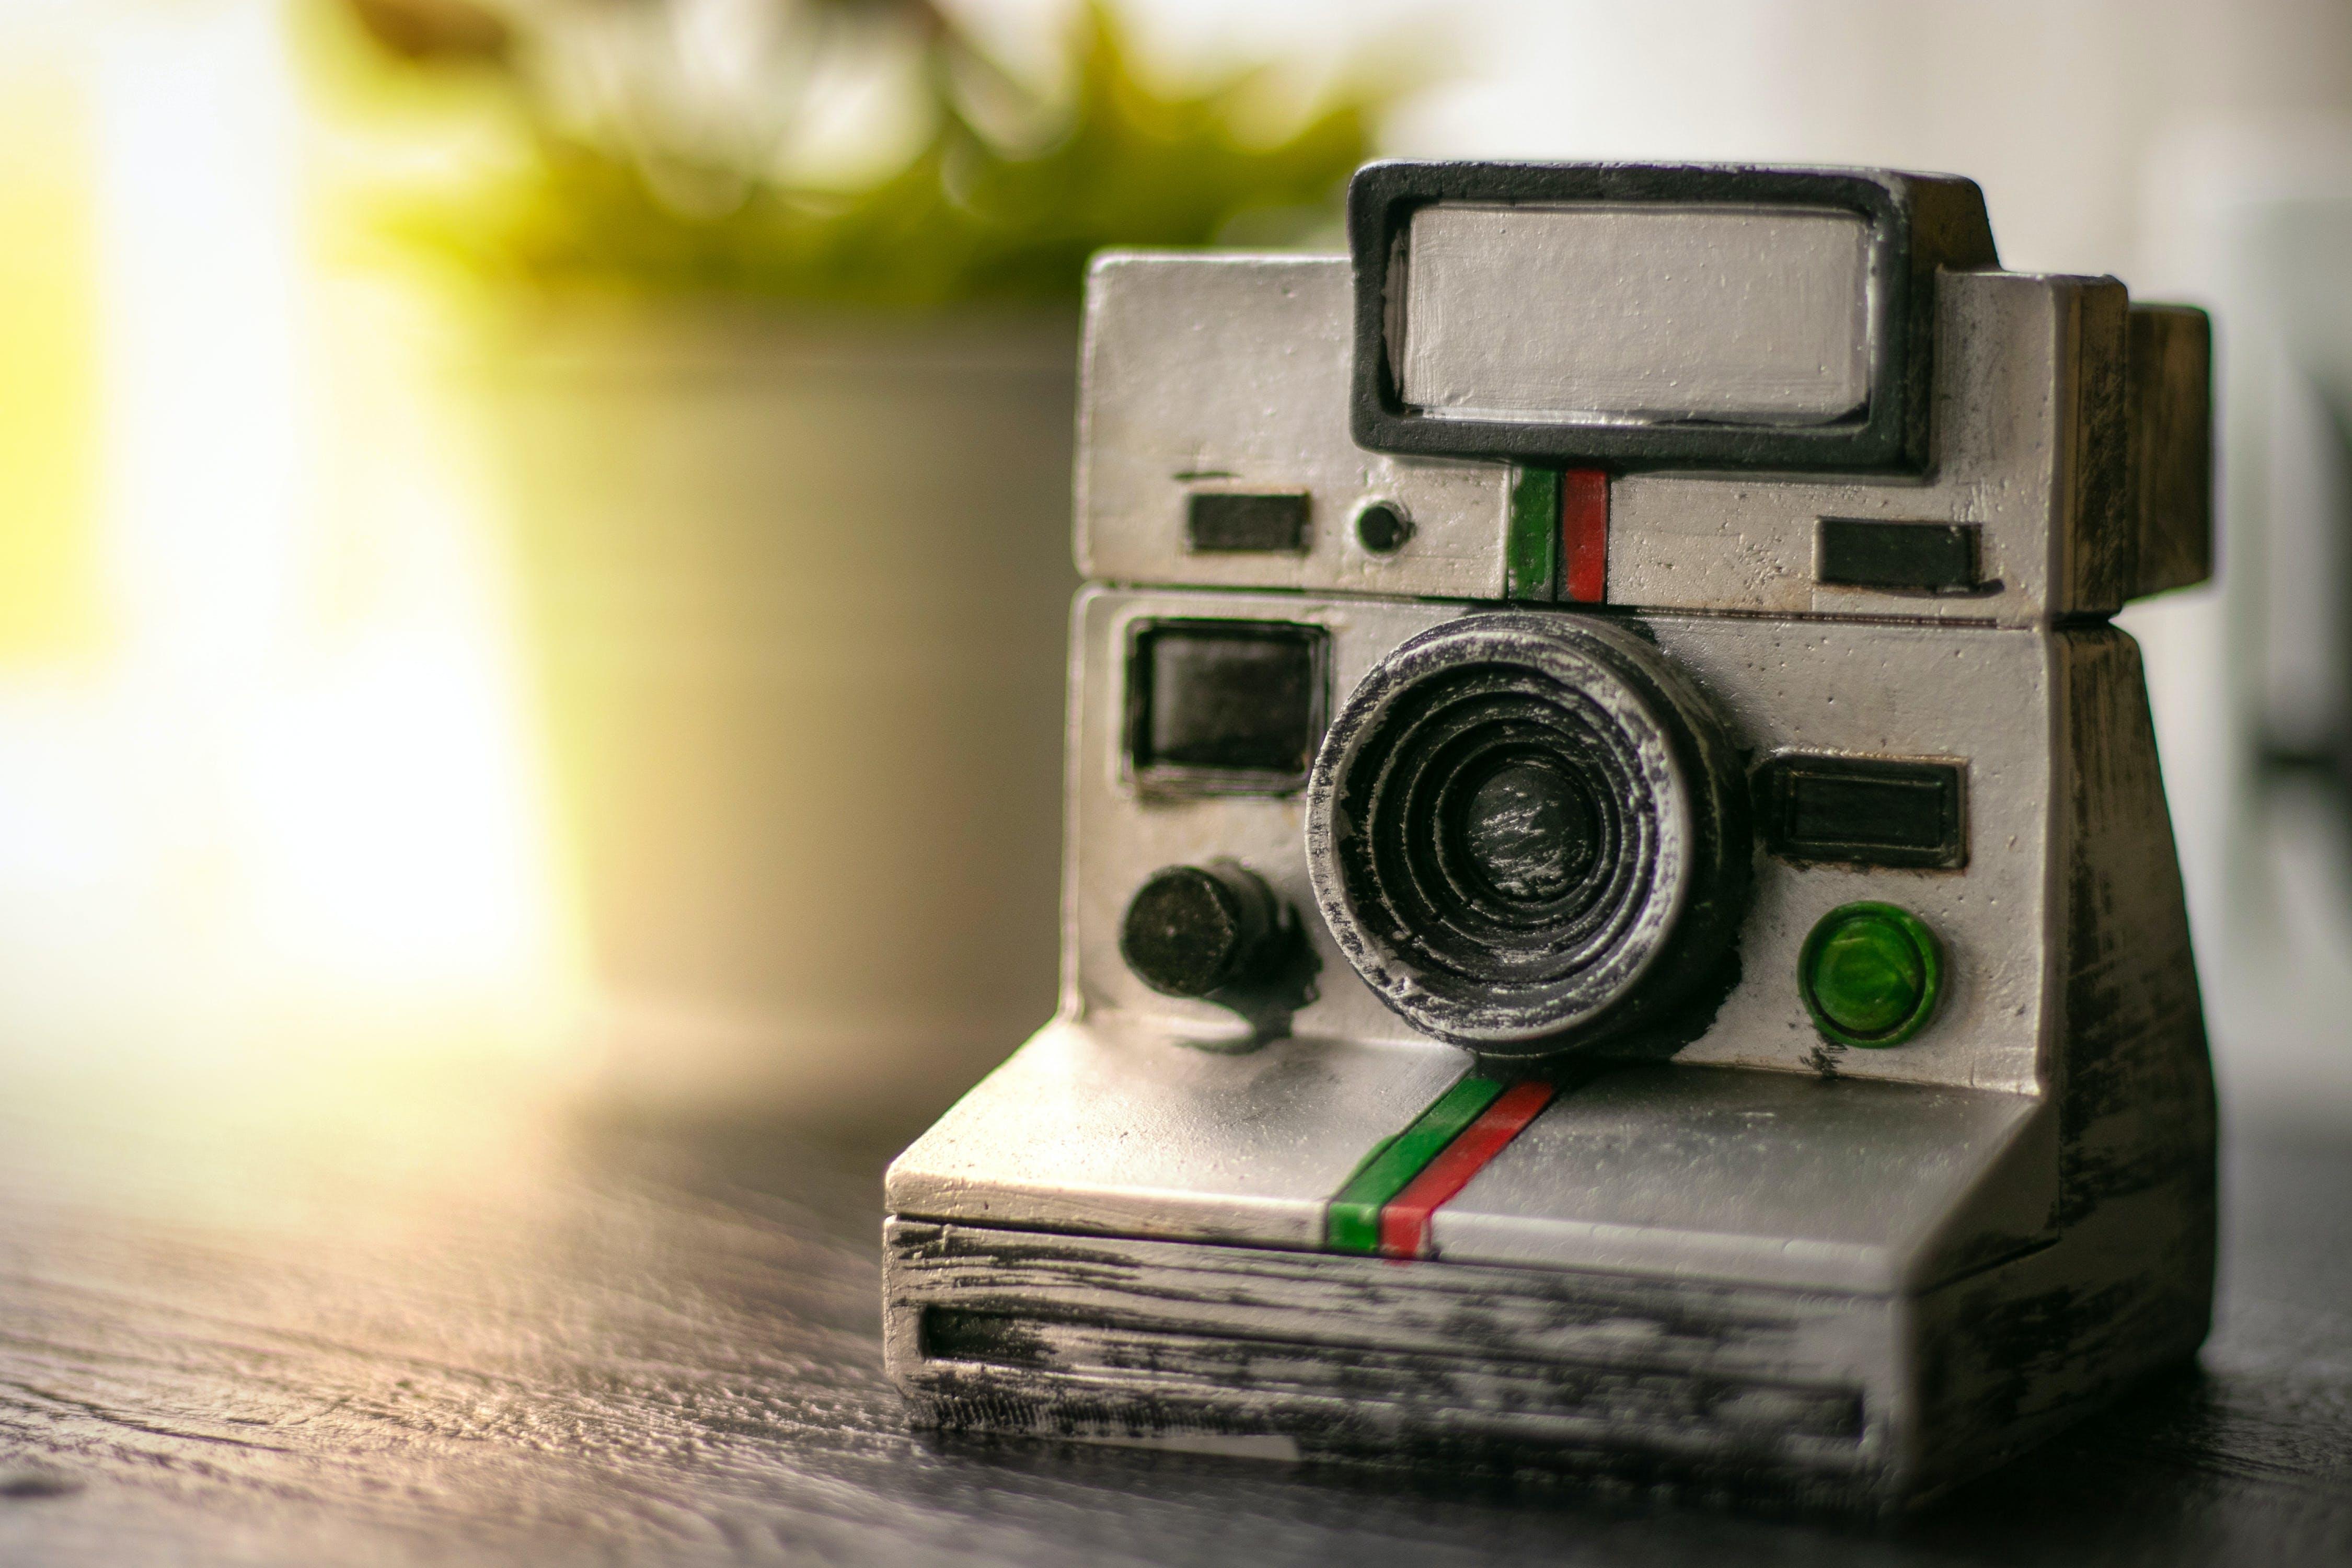 Fotos de stock gratuitas de anticuado, antiguo, cámara, cámara vintage